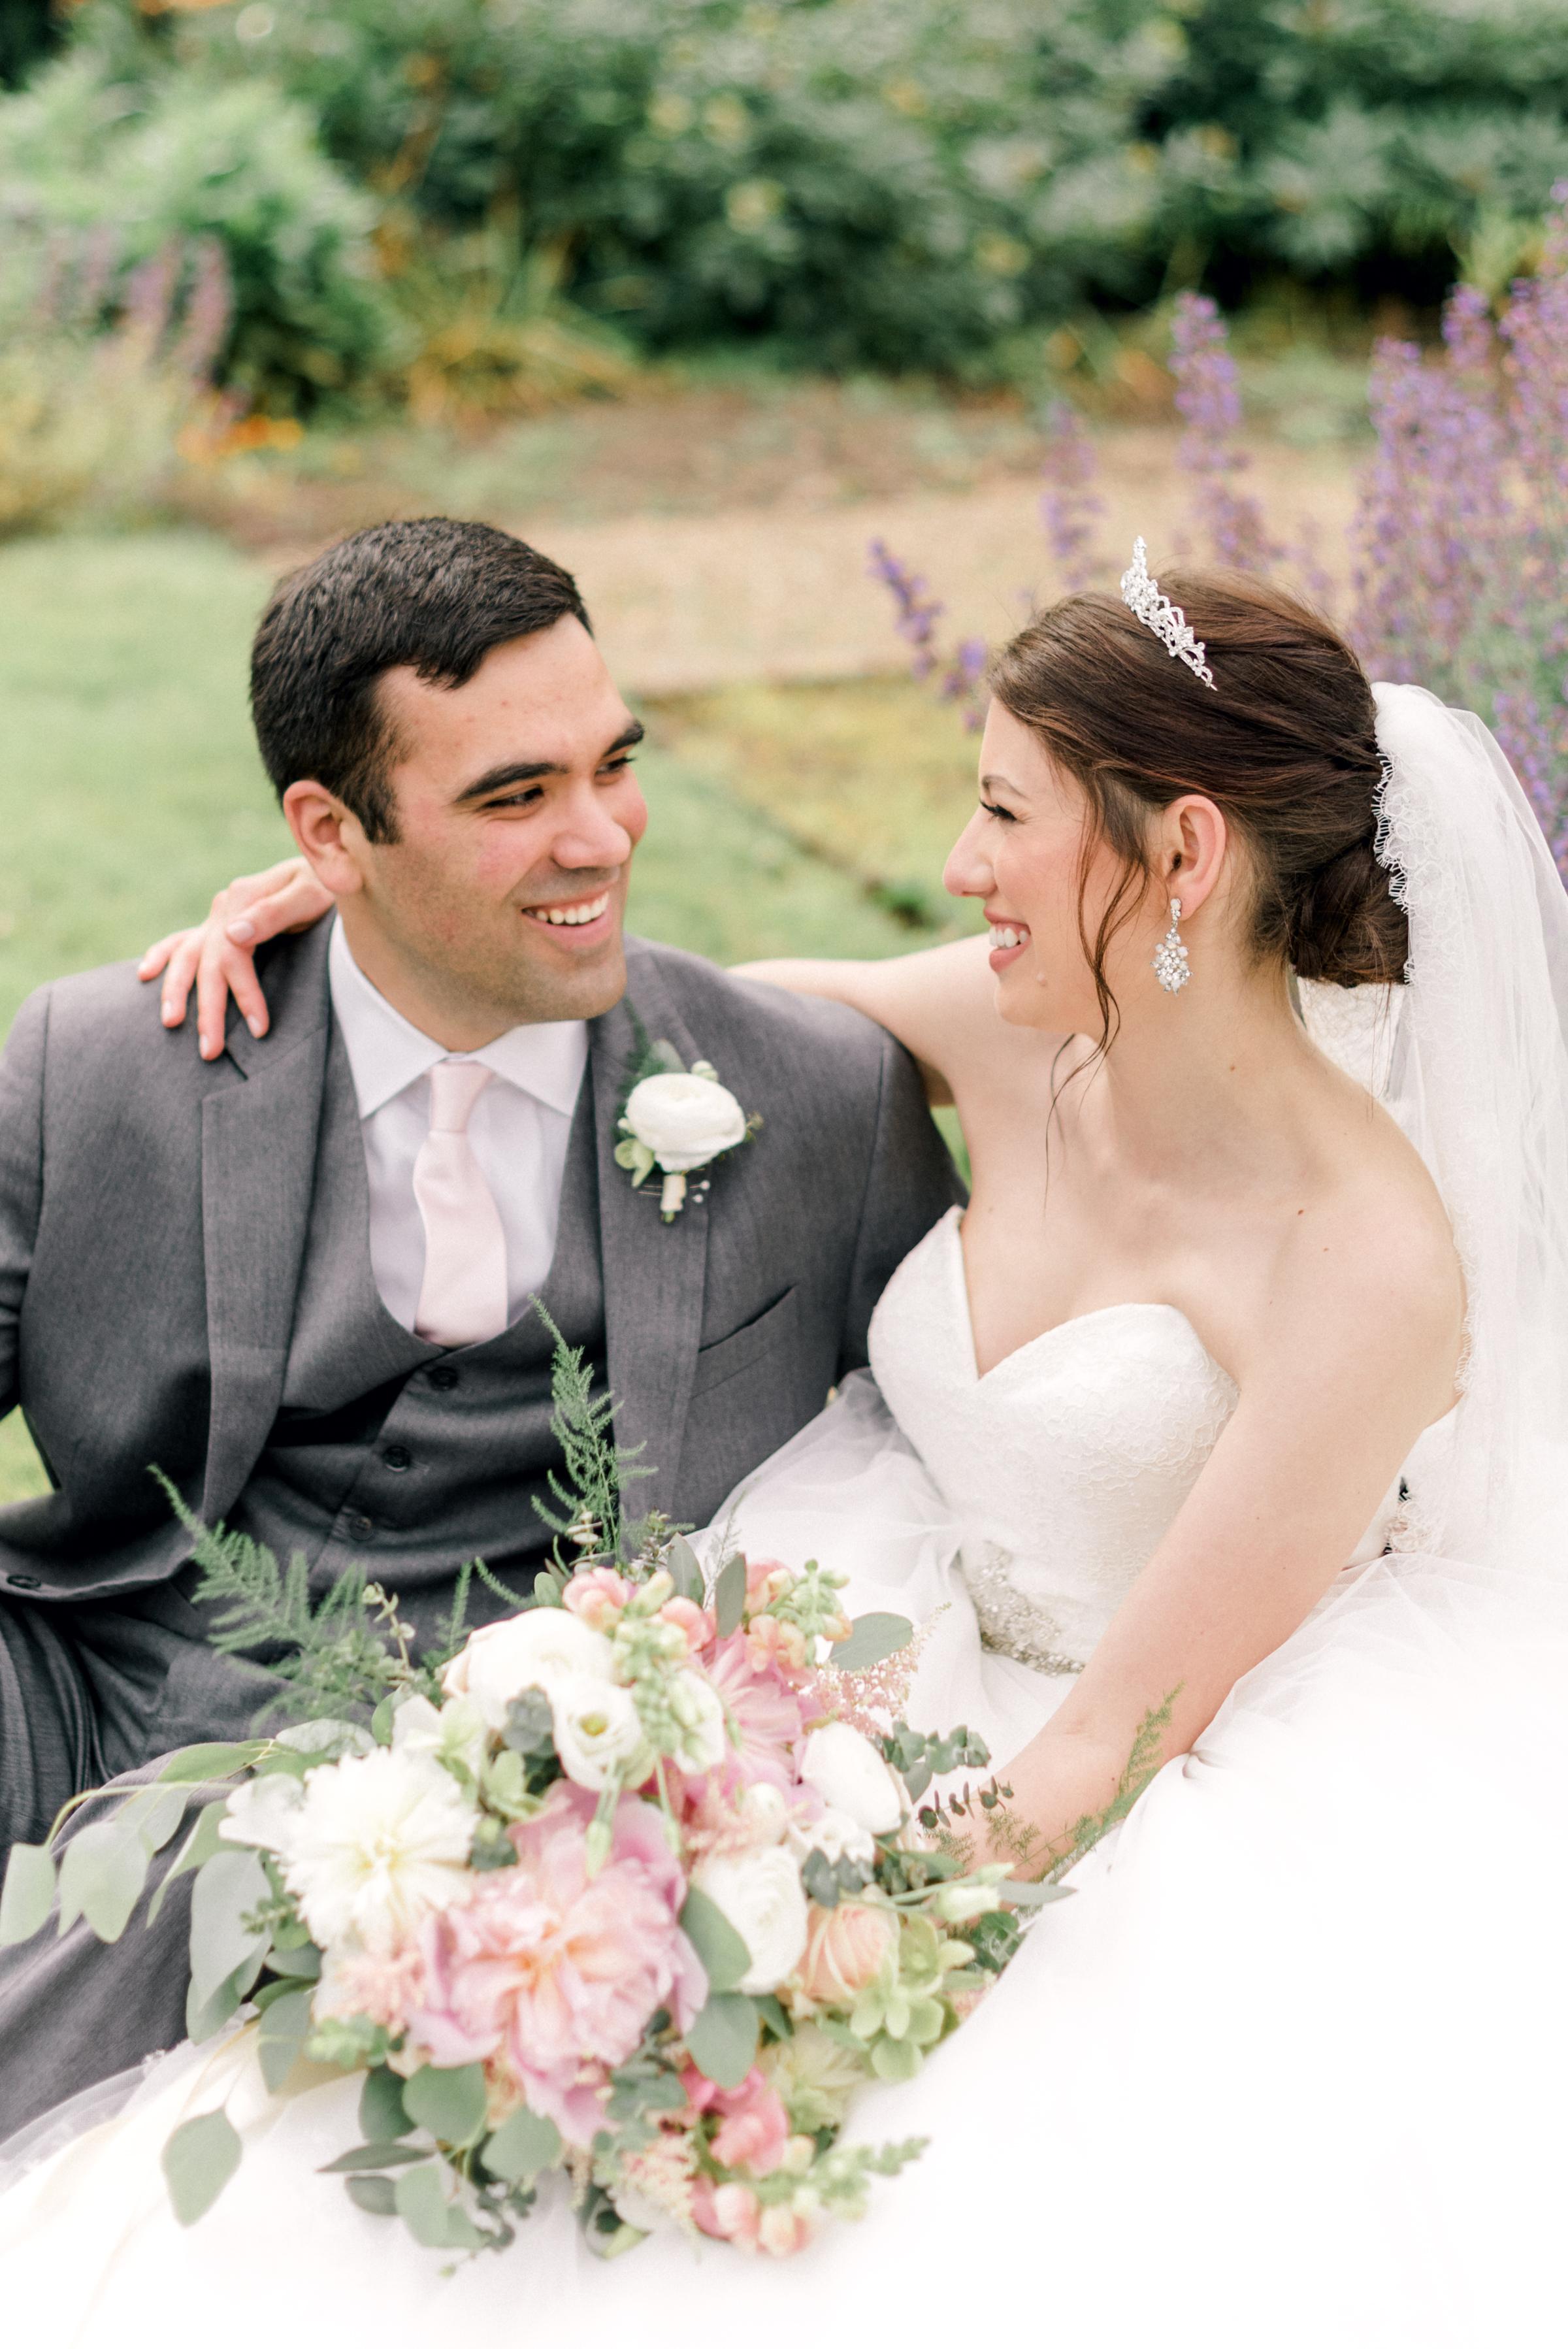 pittsburgh-wedding-photographer-hartwood-acres-0038.jpg